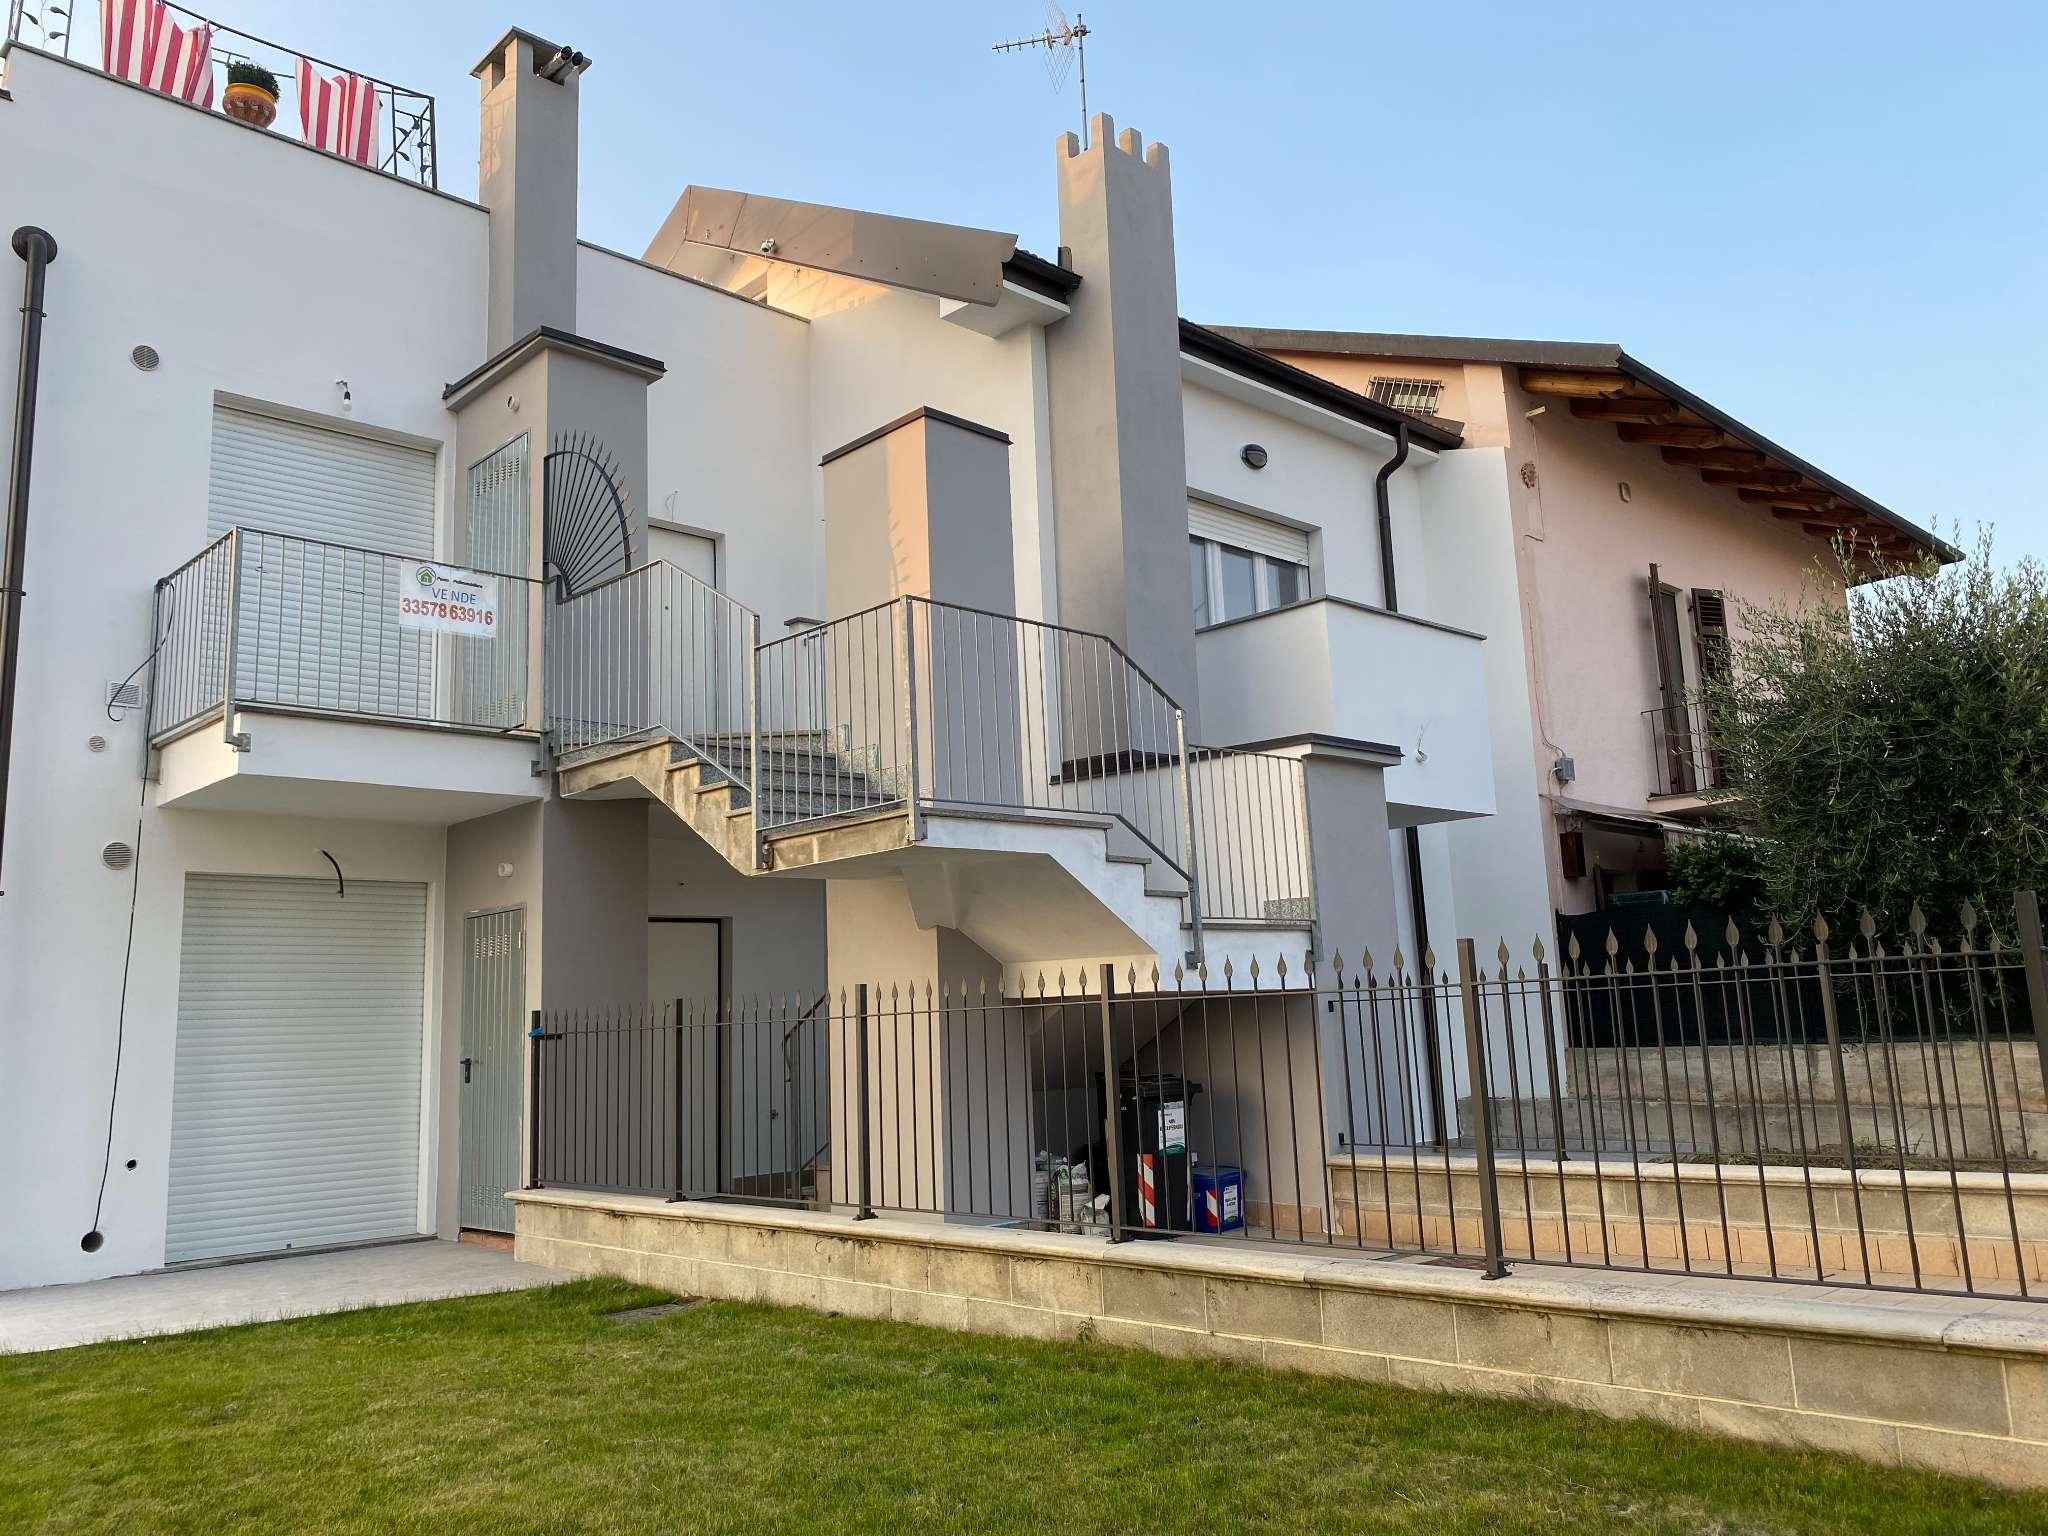 Appartamento in vendita a Chieri, 2 locali, prezzo € 110.000   PortaleAgenzieImmobiliari.it